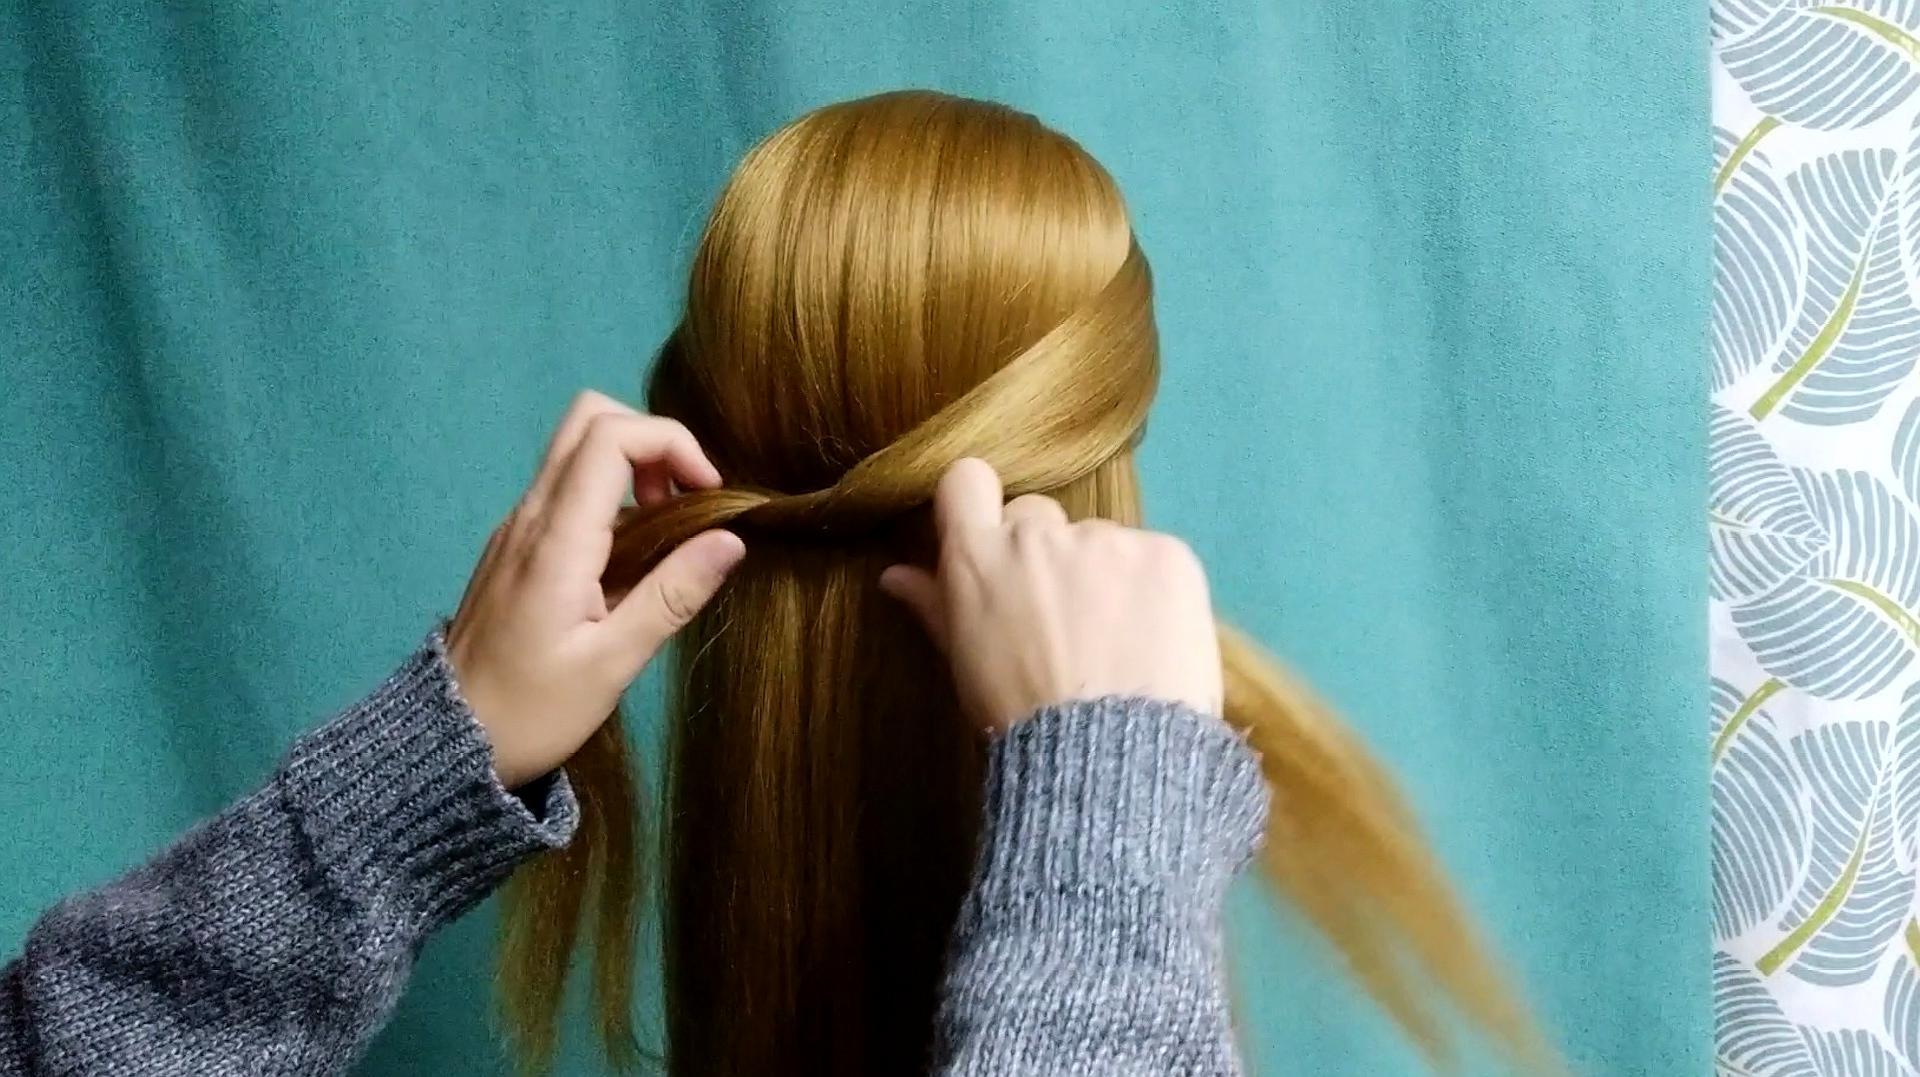 只要30秒就能学会的发型,一根皮筋就能搞定